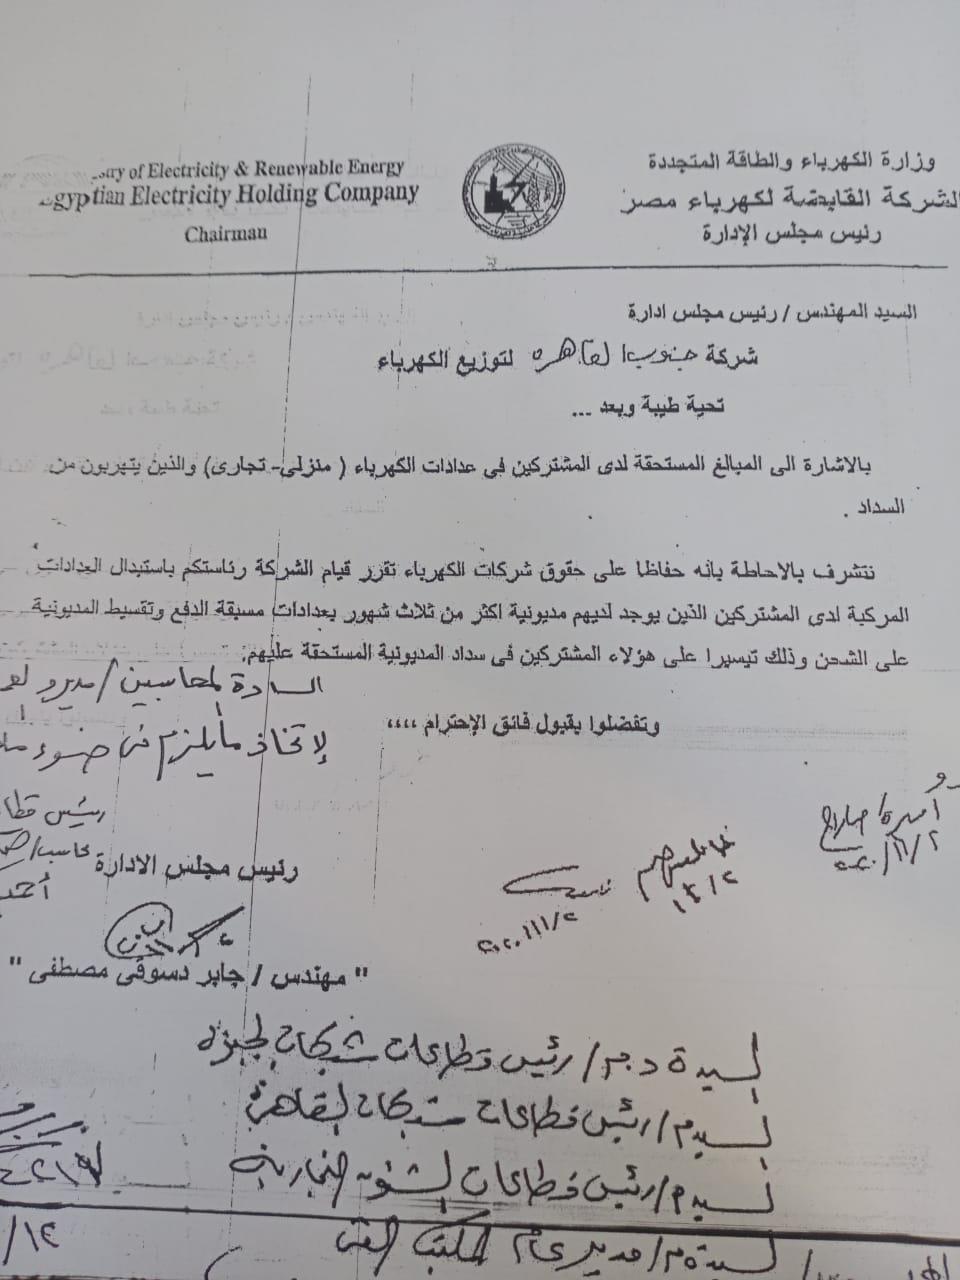 قرار هام من شركة الكهرباء بشأن الممتنعين عن سداد الفاتورة لمدة 3 أشهر 3